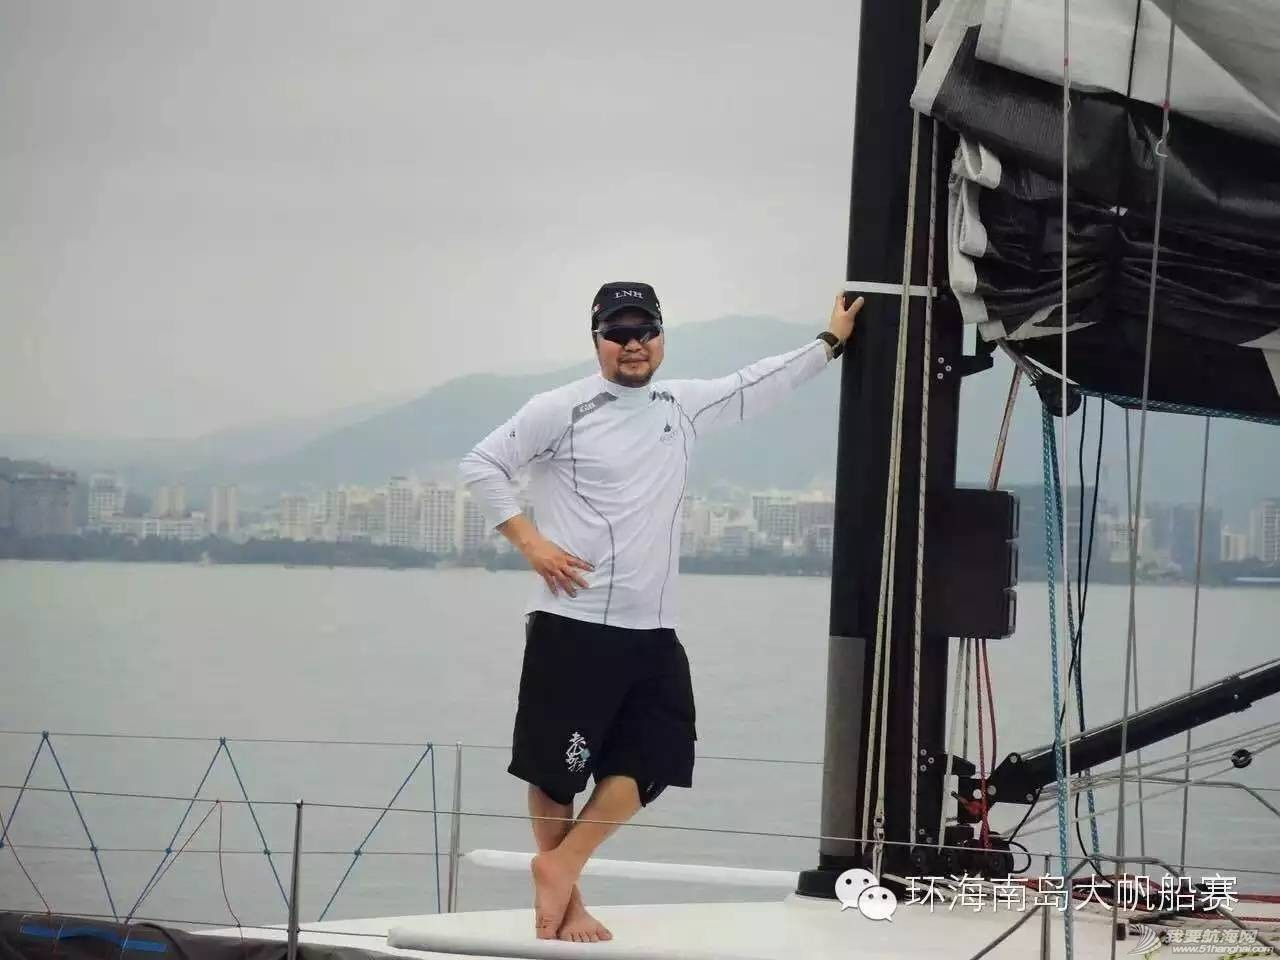 帆船运动,那些事儿,海南岛,老男孩,梦之队 关于海帆赛的那些事儿 1494df3c5dd1de281c1f65590b7e567c.jpg